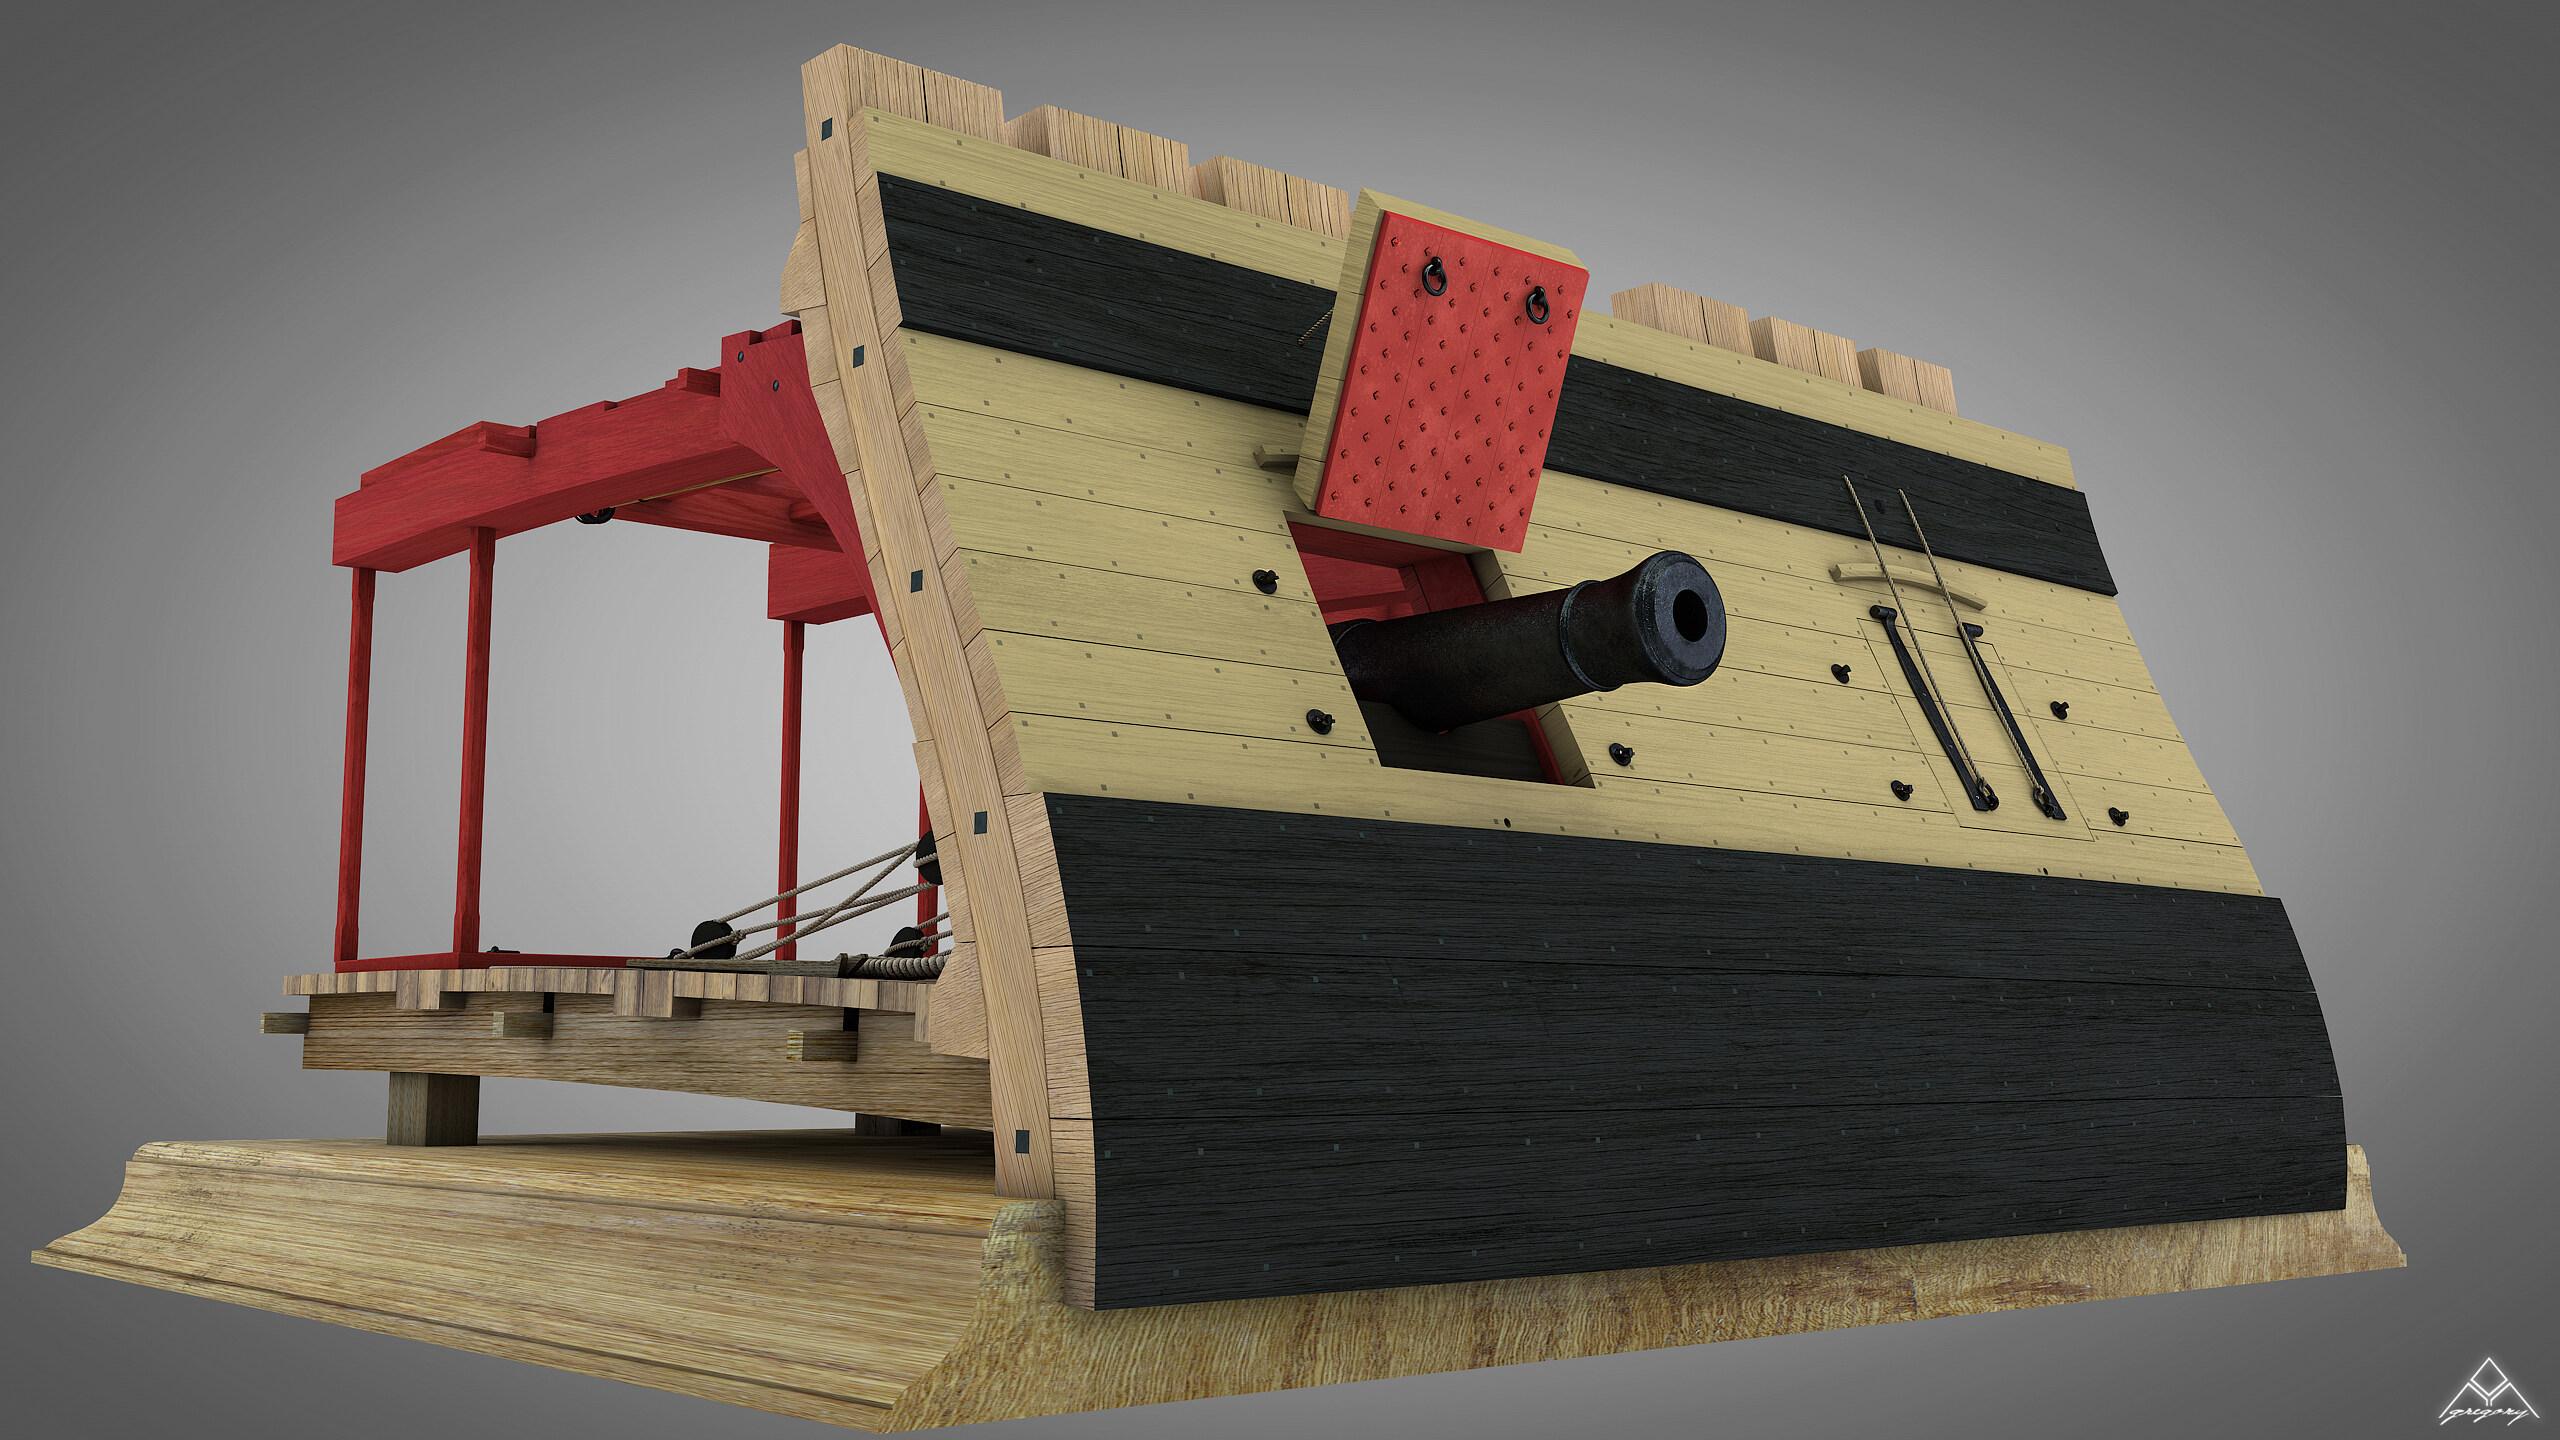 Canons de vaisseau 74 canons (Création 3D) par Greg_3D - Page 7 Rendu_92